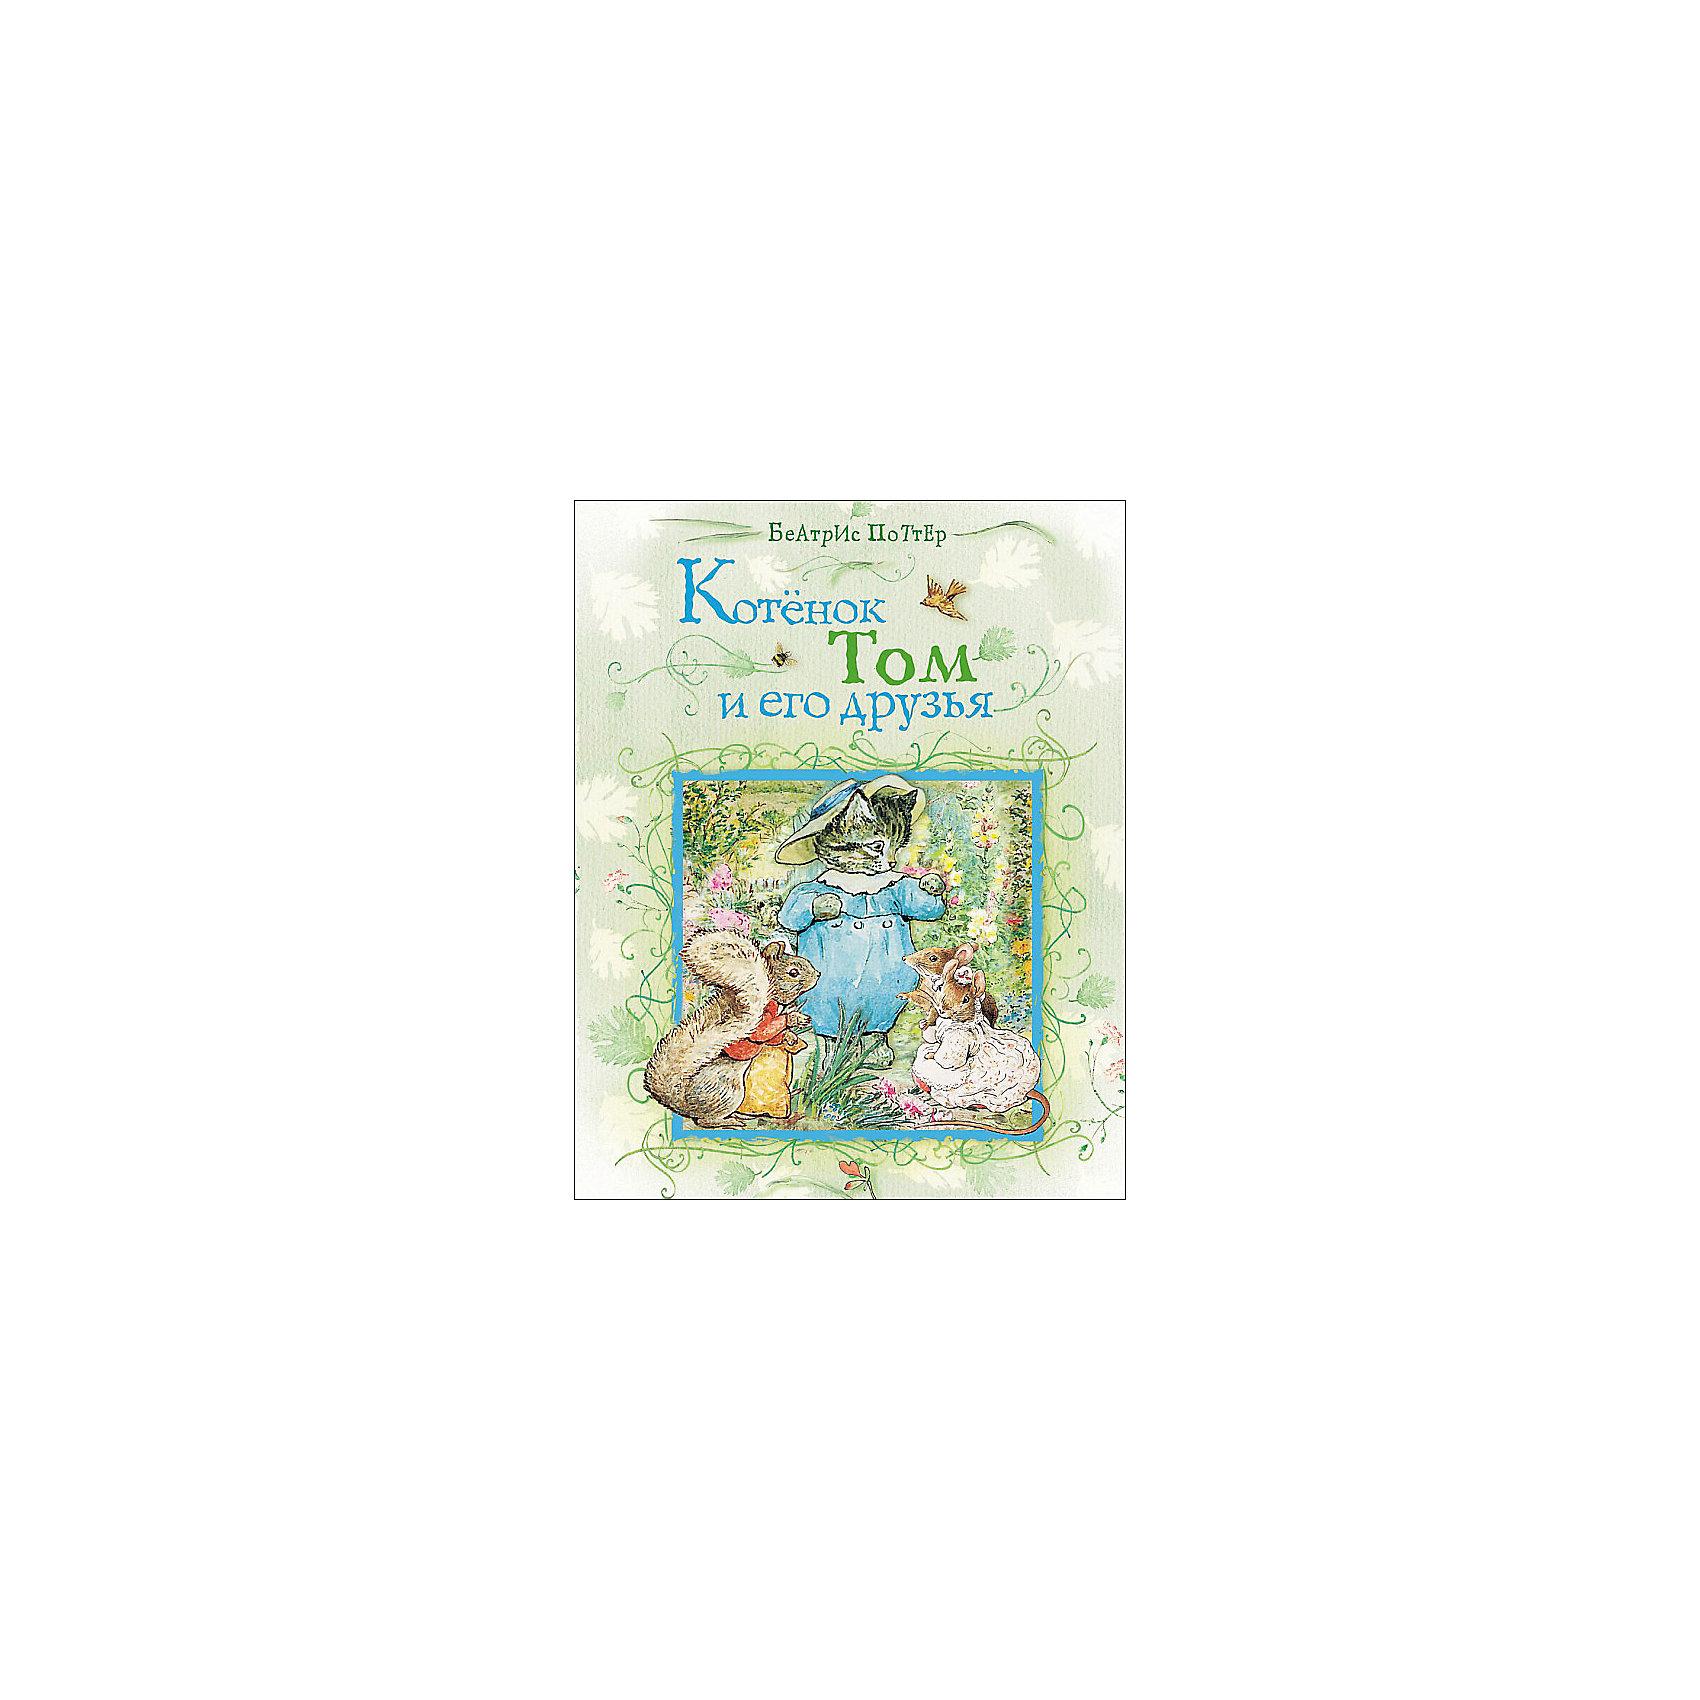 Котенок Том и его друзья.В книгу знаменитой английской писательницы Беатрис Поттер «Котенок Том и его друзья» вошли «Сказка про котенка Тома» и «Тим Коготок» с оригинальными иллюстрациями автора. &#13;<br>Страсть к рисованию у будущей писательницы  проявилась еще в детстве. Девочка проводила много времени в саду, зарисовывая и беря уроки рисования. Уже в детстве Беатрис Поттер стала изображать животных одетыми в сюртуки и кафтаны. &#13;<br>В «Сказке про котенка Тома» кошка миссис Тереза Коттер решила принарядить своих котят Джесси, Пусси и Тома к приходу гостей.  Причесала, помыла и одела Джесси и Пусси в чистые платьица с красивыми воротниками, а Тома в костюм.  А вот что было дальше, несомненно, вас удивит, но для этого нужно дочитать сказку до конца.<br><br>Ширина мм: 275<br>Глубина мм: 212<br>Высота мм: 3<br>Вес г: 134<br>Возраст от месяцев: 0<br>Возраст до месяцев: 36<br>Пол: Унисекс<br>Возраст: Детский<br>SKU: 4782427